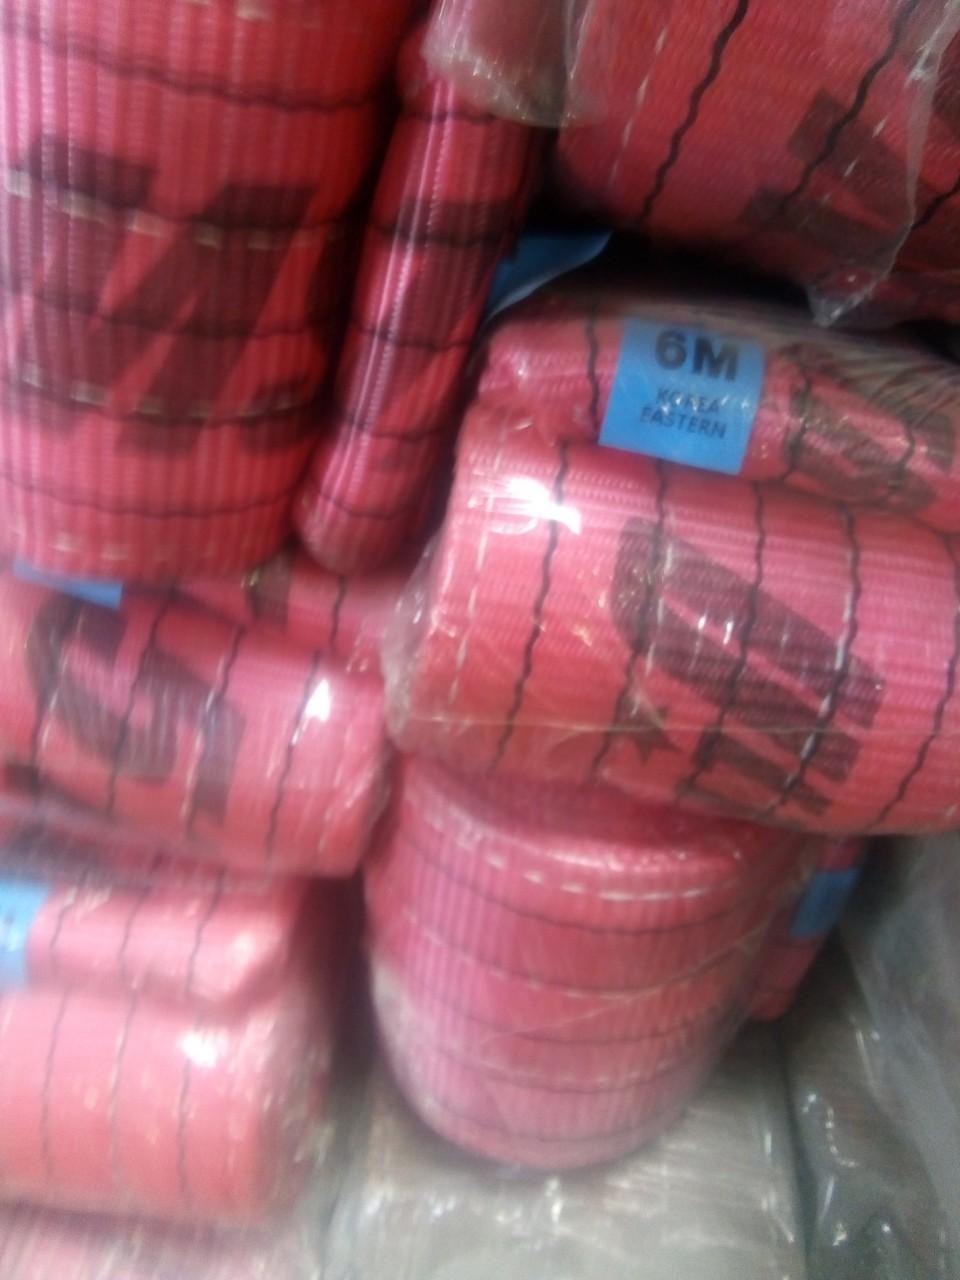 Cáp vải cẩu hàng bản dẹt Hàn Quốc 5 tấn, Cáp vải cẩu hàng bản dẹt Hàn Quốc, Cáp vải cẩu hàng bản dẹt, Cáp vải cẩu hàng, Cáp vải, Cấu tạo của cáp vải cẩu hàng, ma ní, tăng đơ, khóa cáp